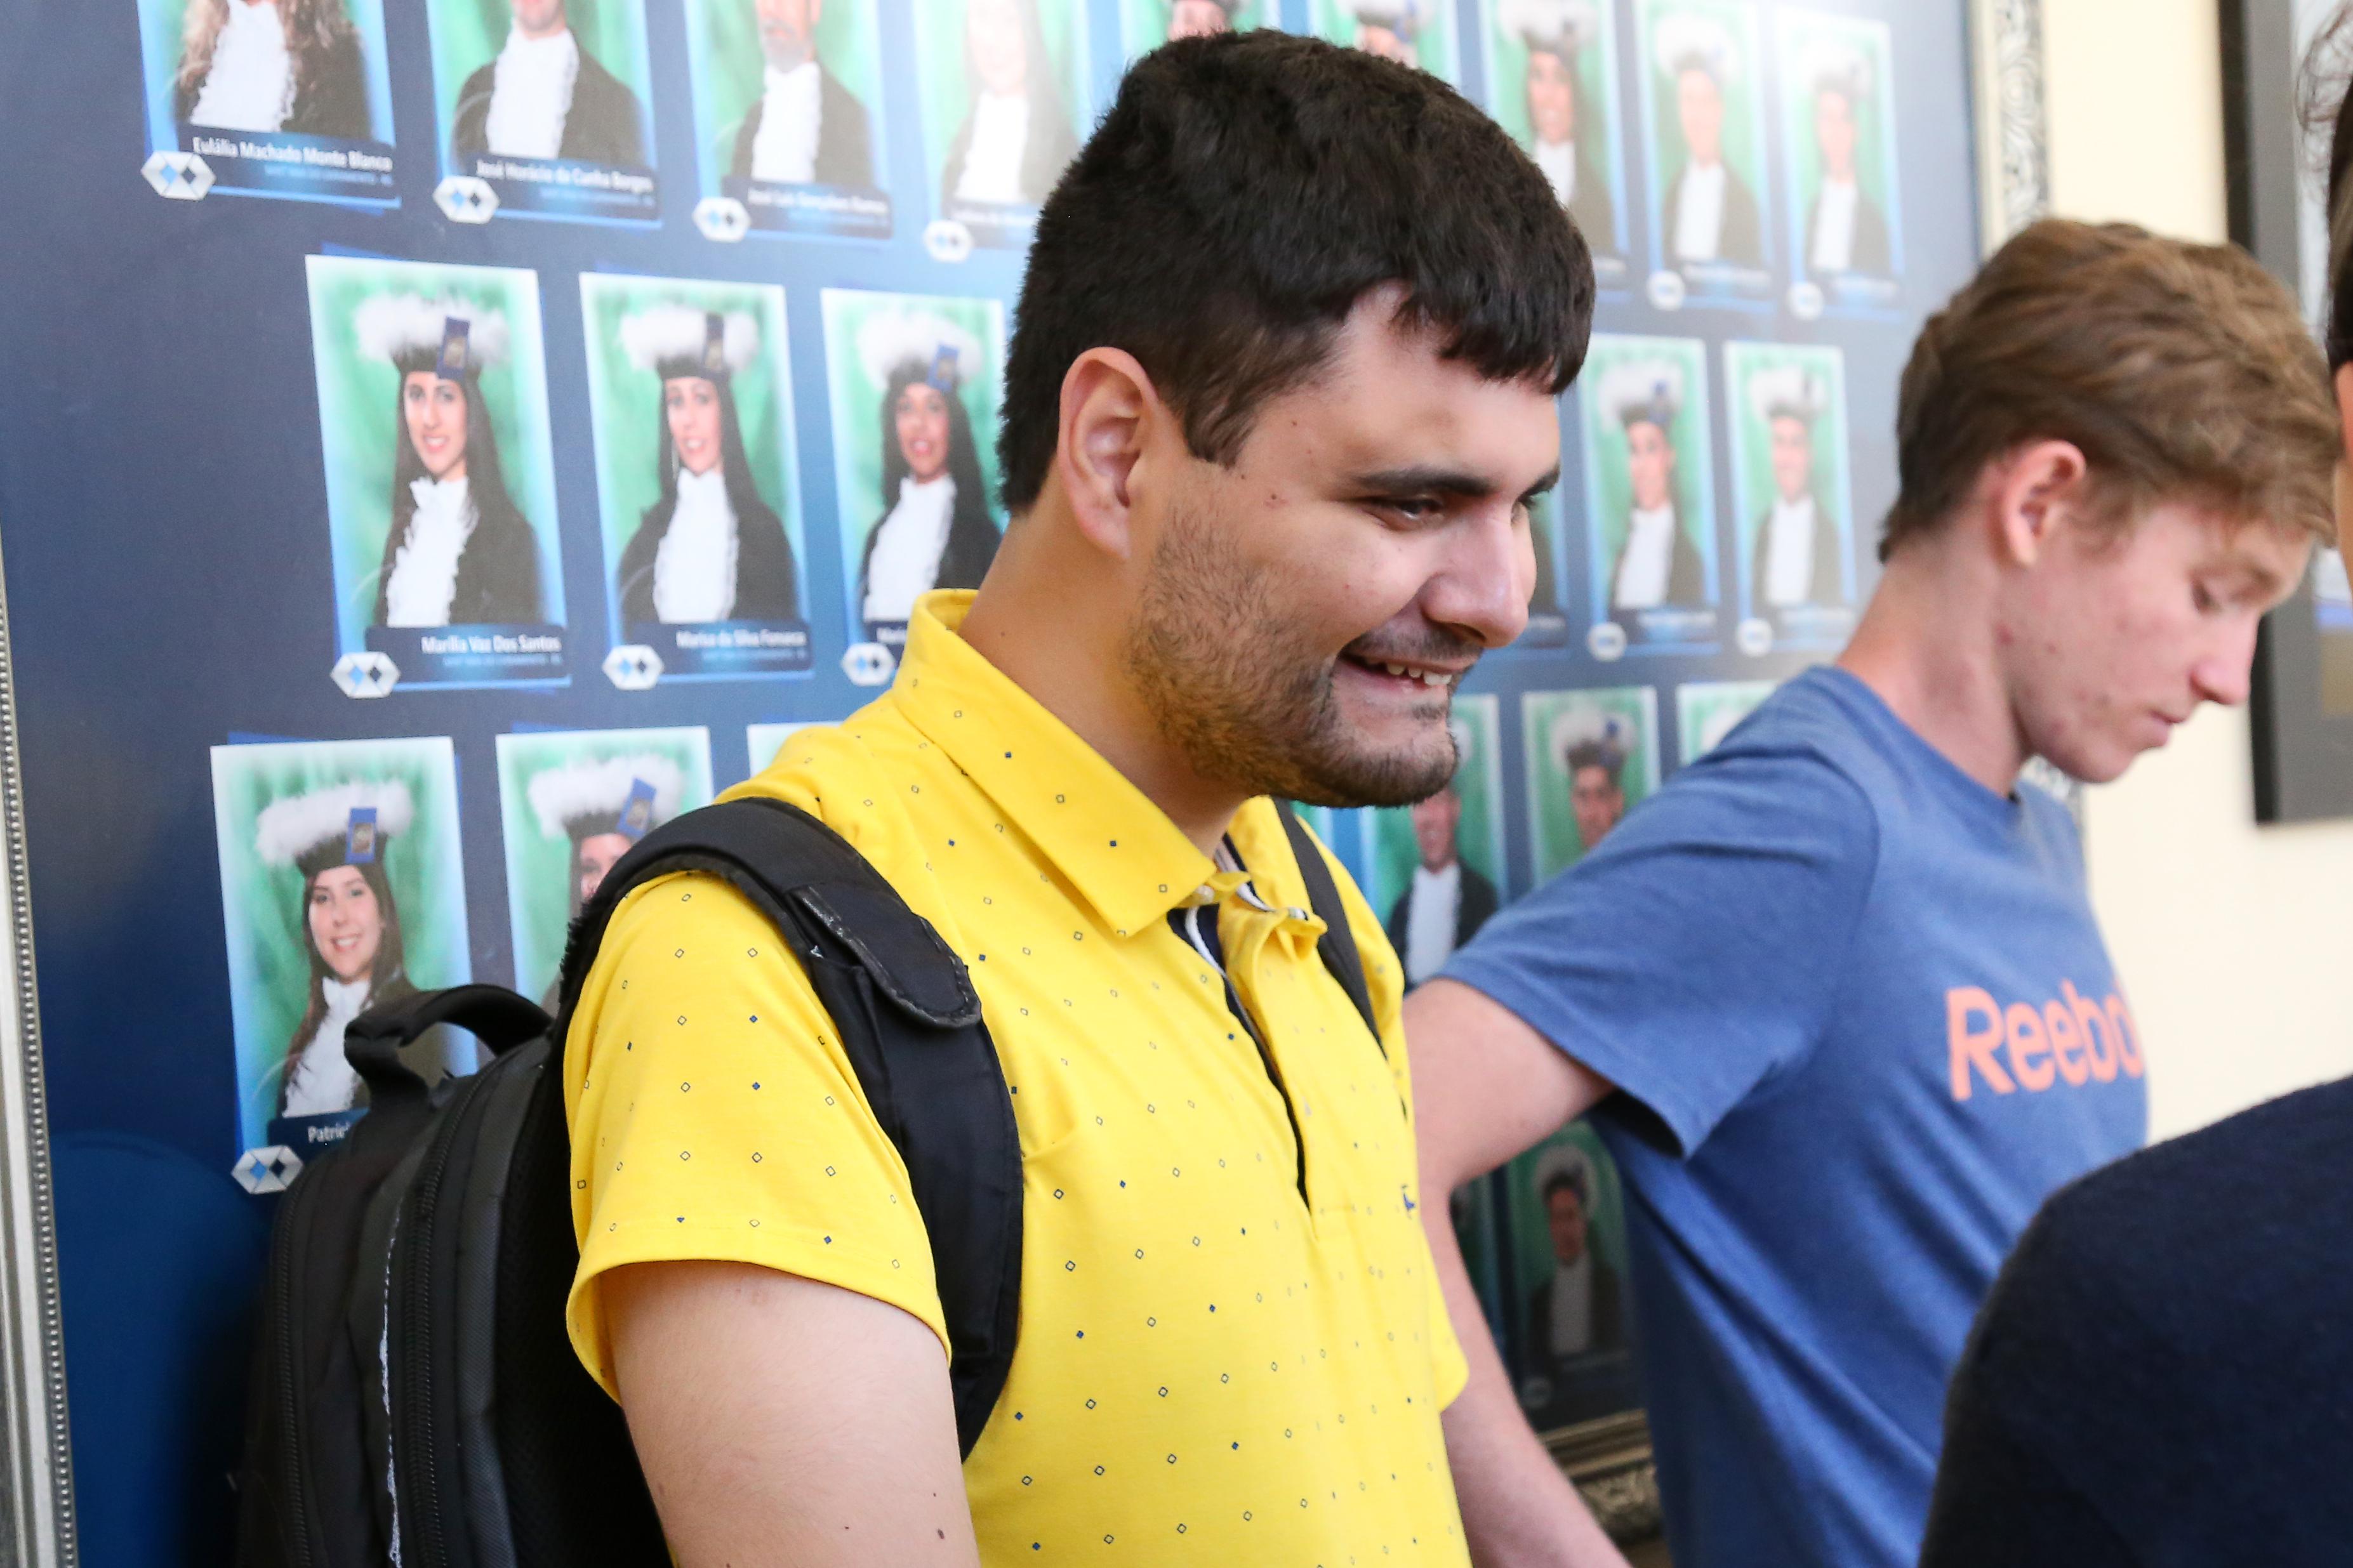 Jovem homem sentado, braços cruzados no colo, cabelo castanho, curto, olhos fechados. Camisa polo amarela, calça jeans.